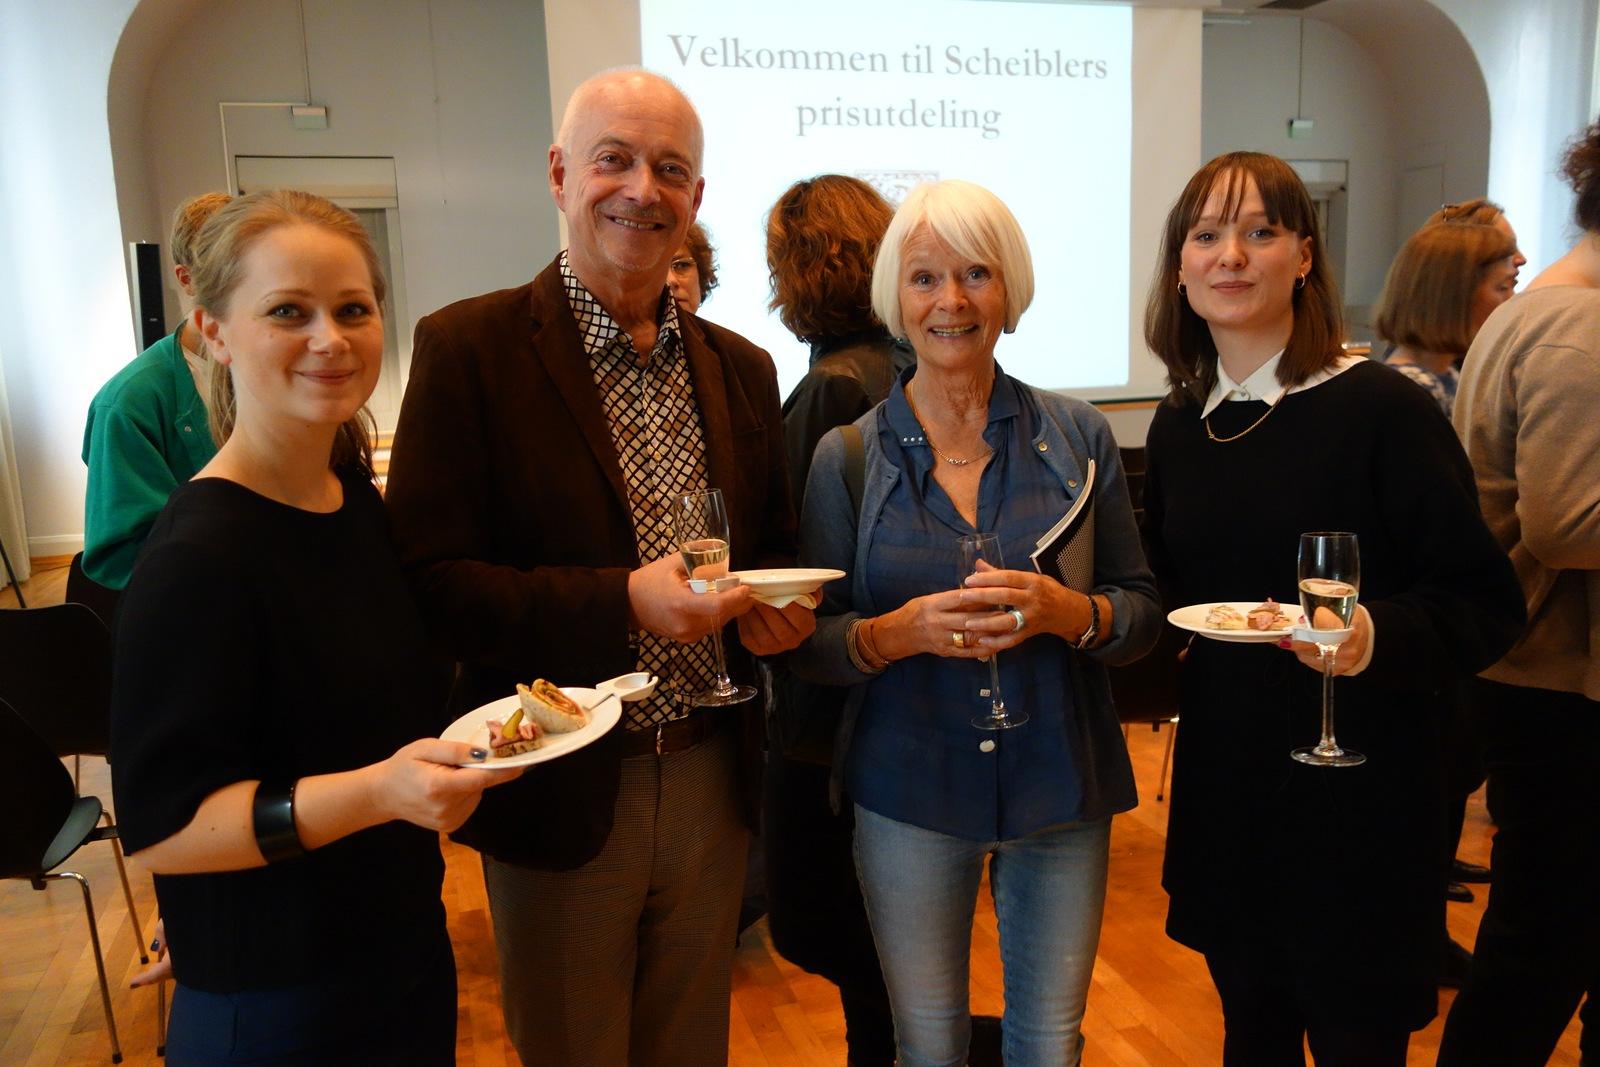 Nasjonalmuseets Widar Halén sammen med Sissel Benneche Osvold fra styret i Stiftelsen Scheibler og prisvinnerne